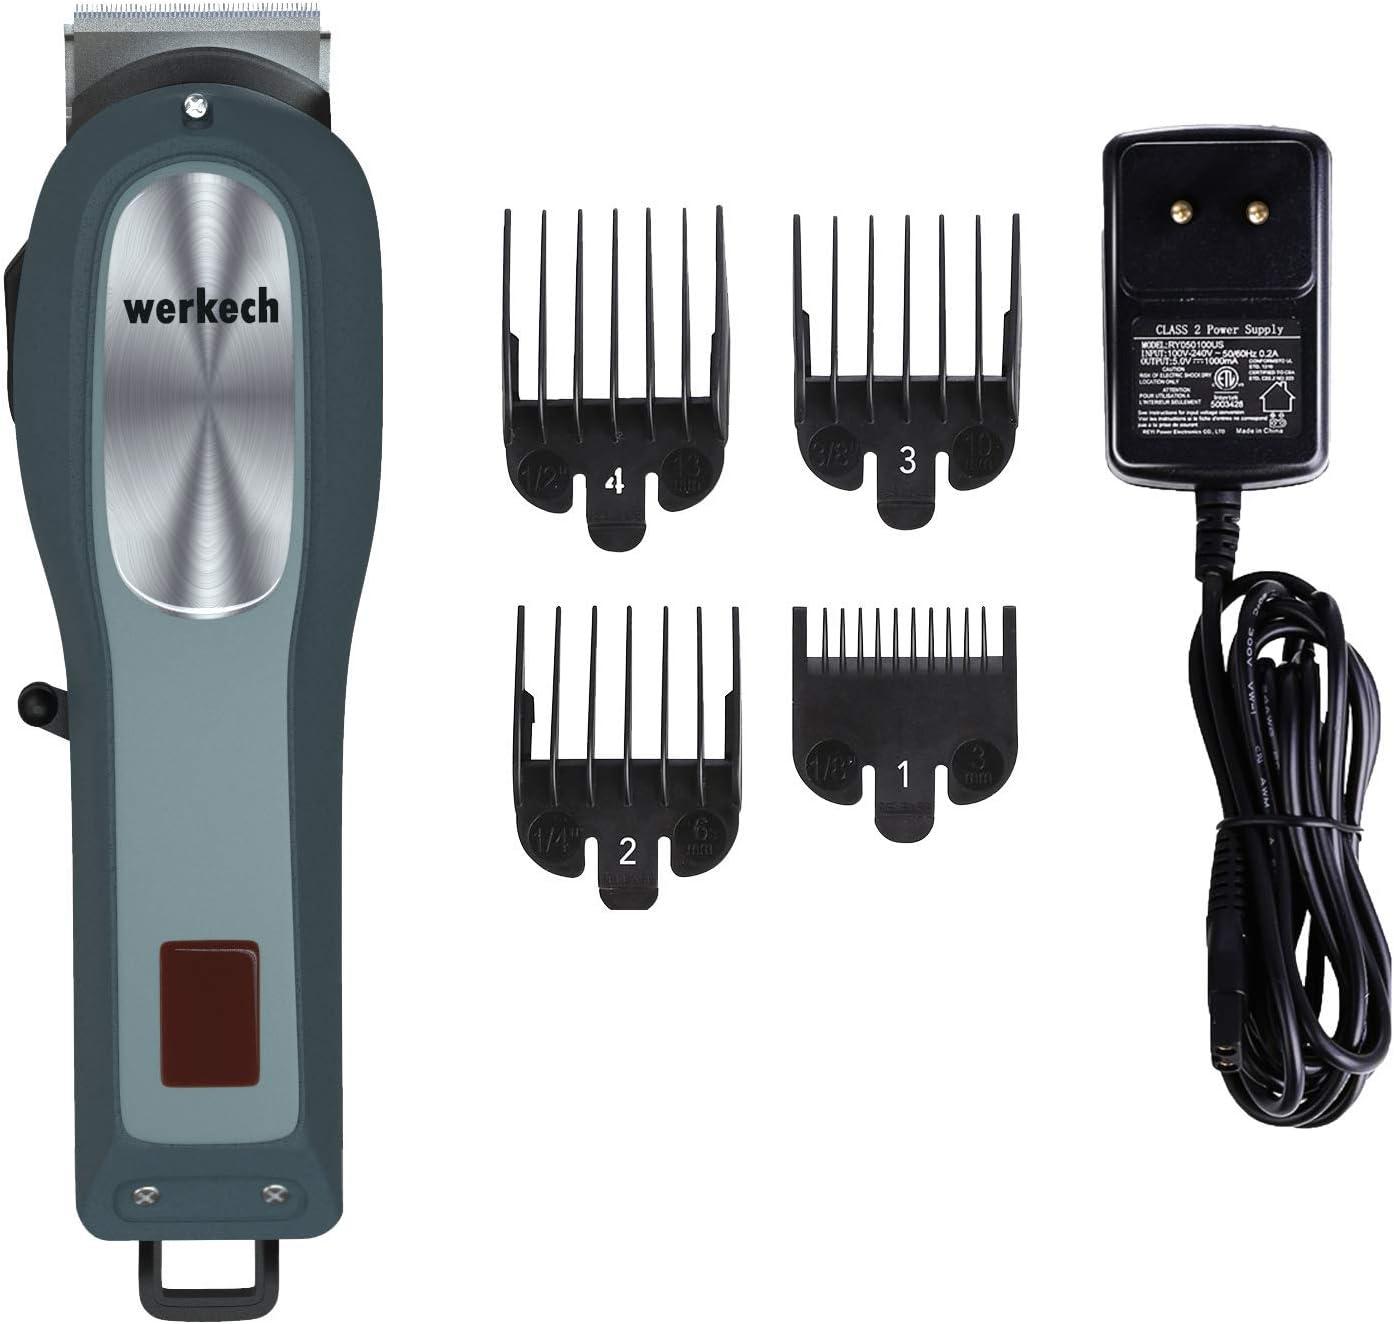 Werkech Y3: Máquina de cortar el pelo profesional. Cortapelos sin ...